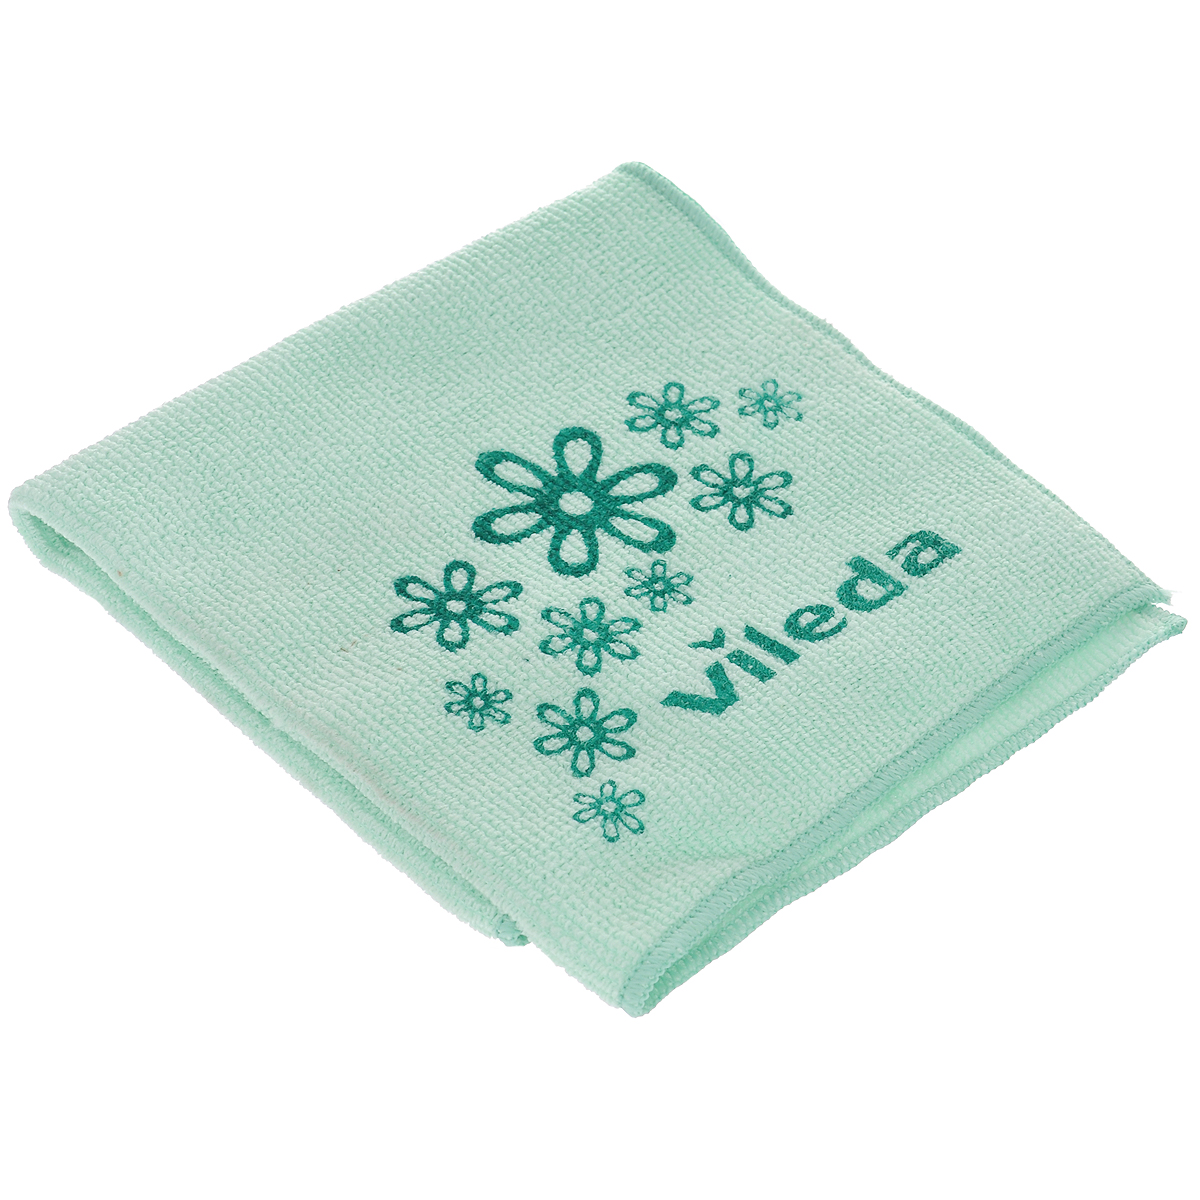 Салфетка универсальная Vileda Микрофибра, цвет: зеленый, 32 х 32 см салфетка vileda актифайбр